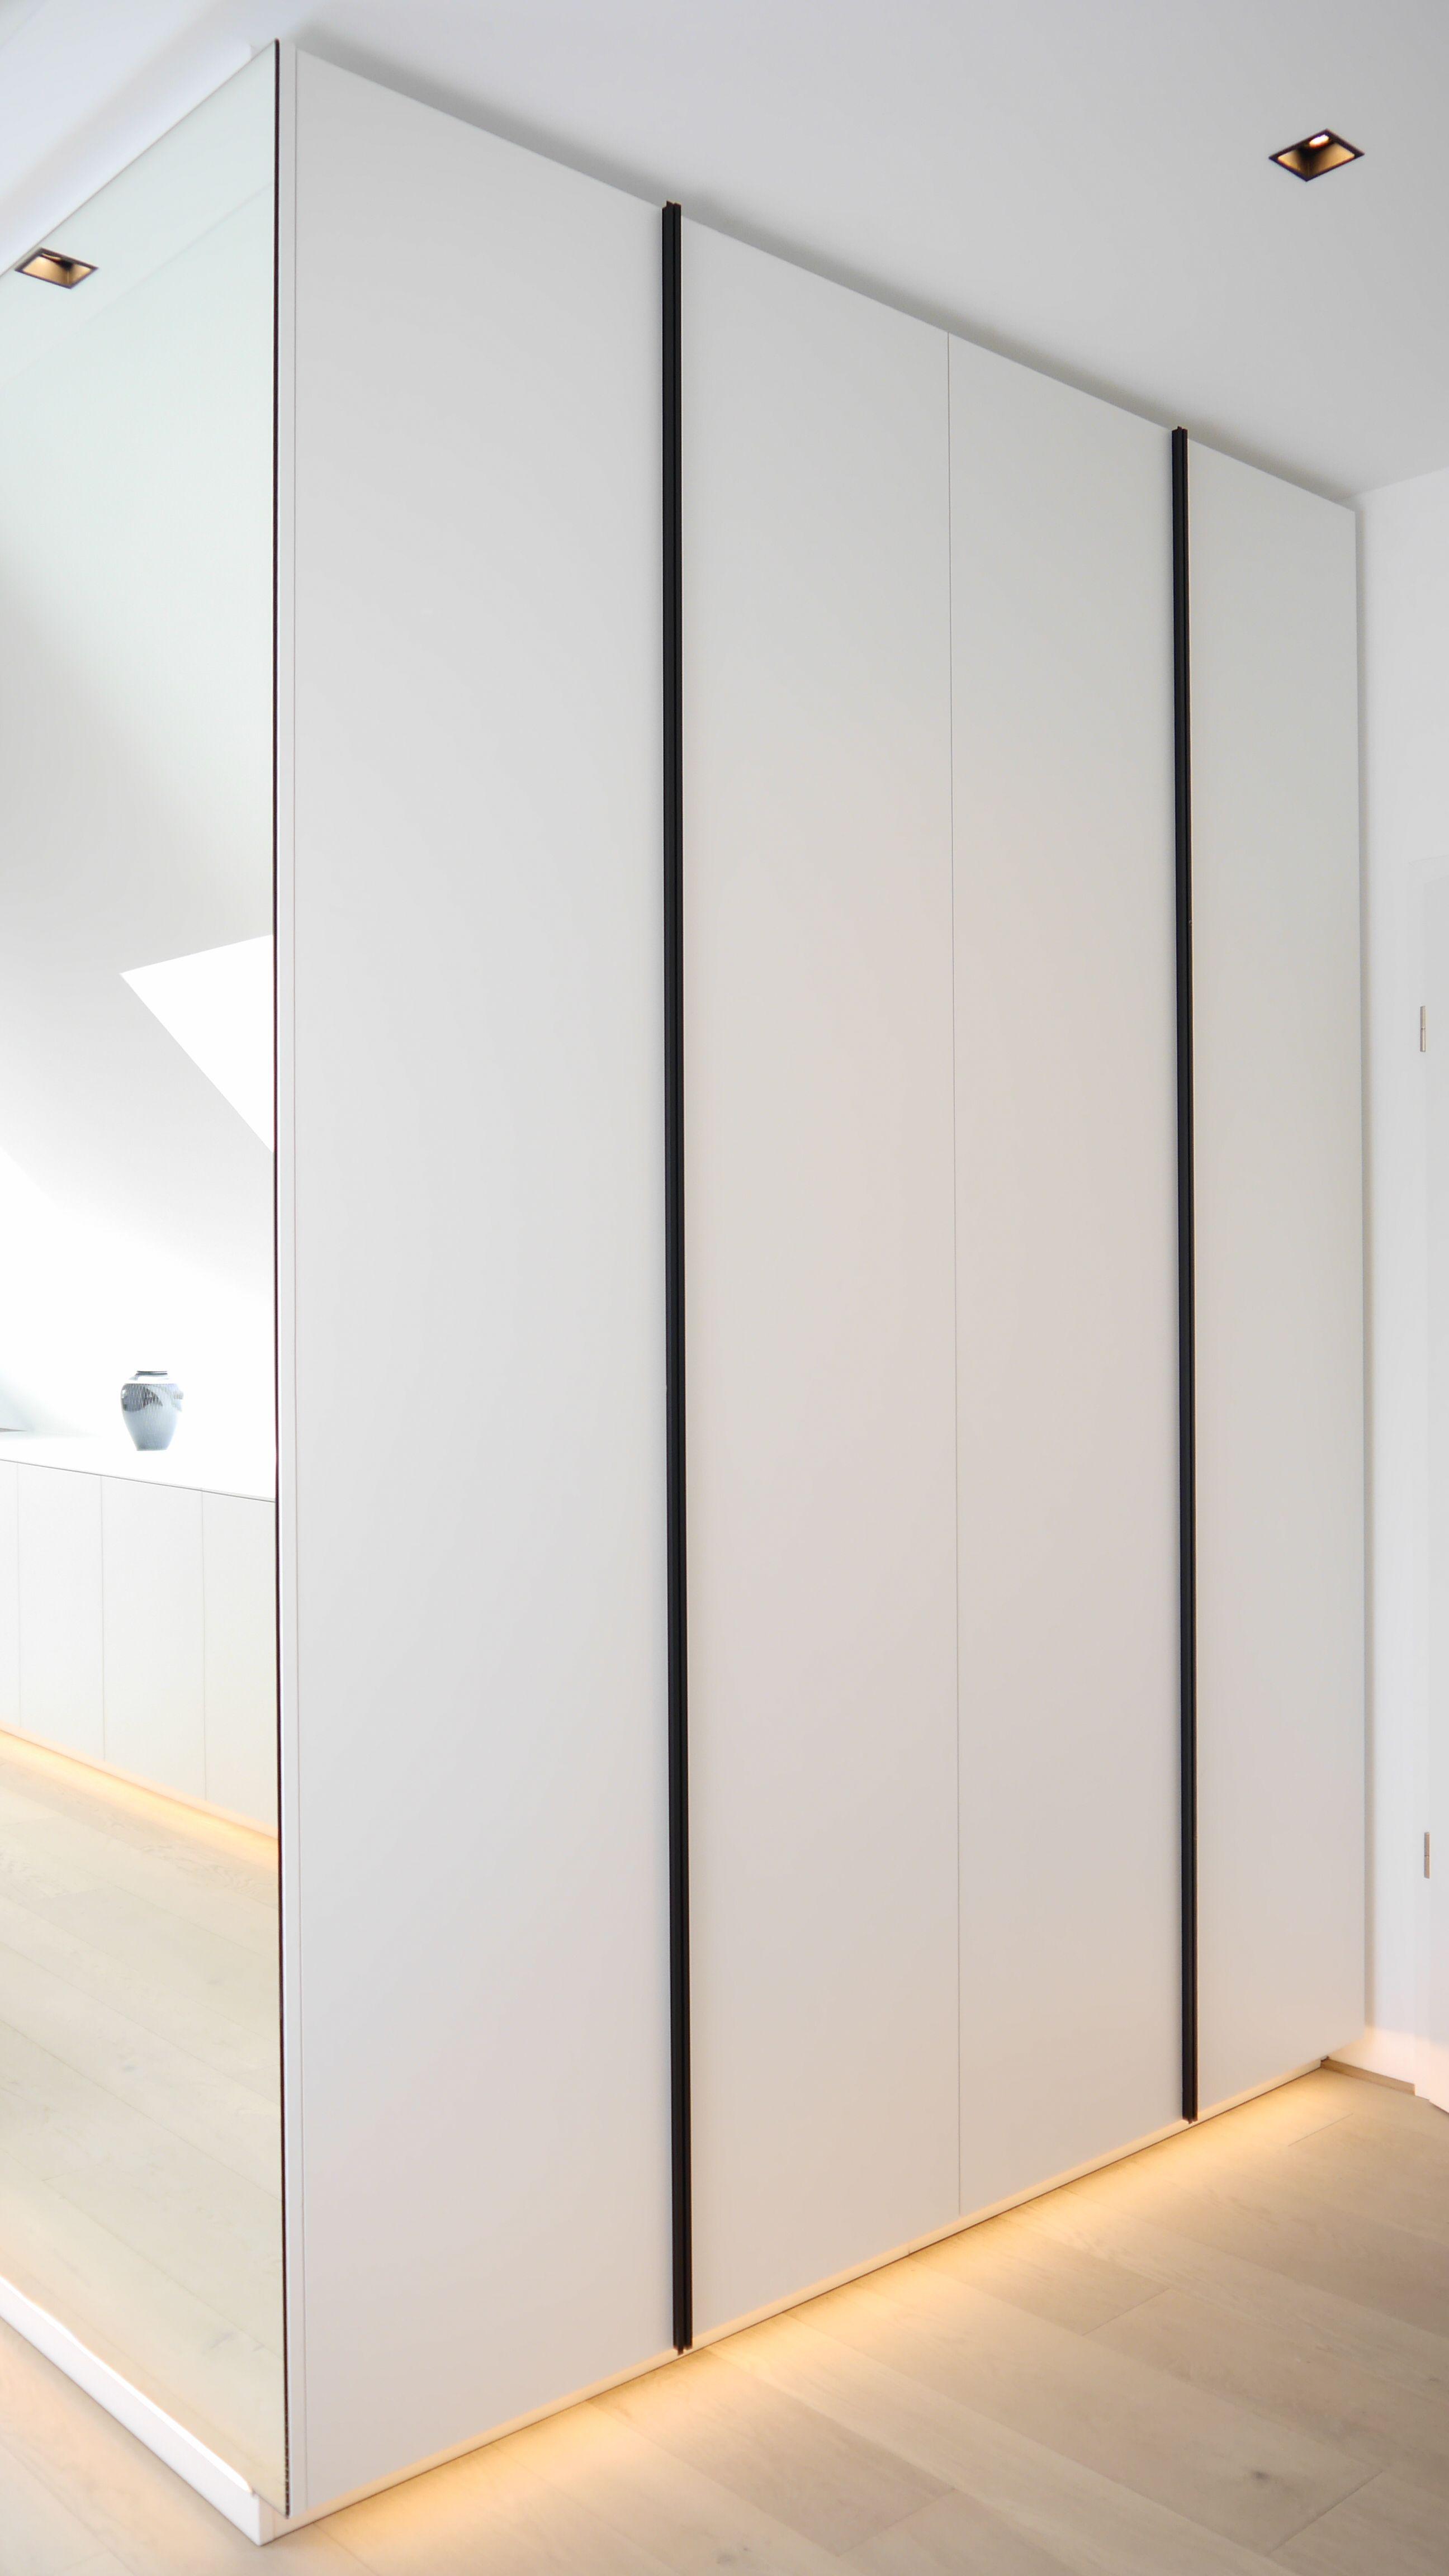 Raumhohe Einbauschranke Mit Indirekter Beleuchtung Einbauschrank Flur Design Schrank